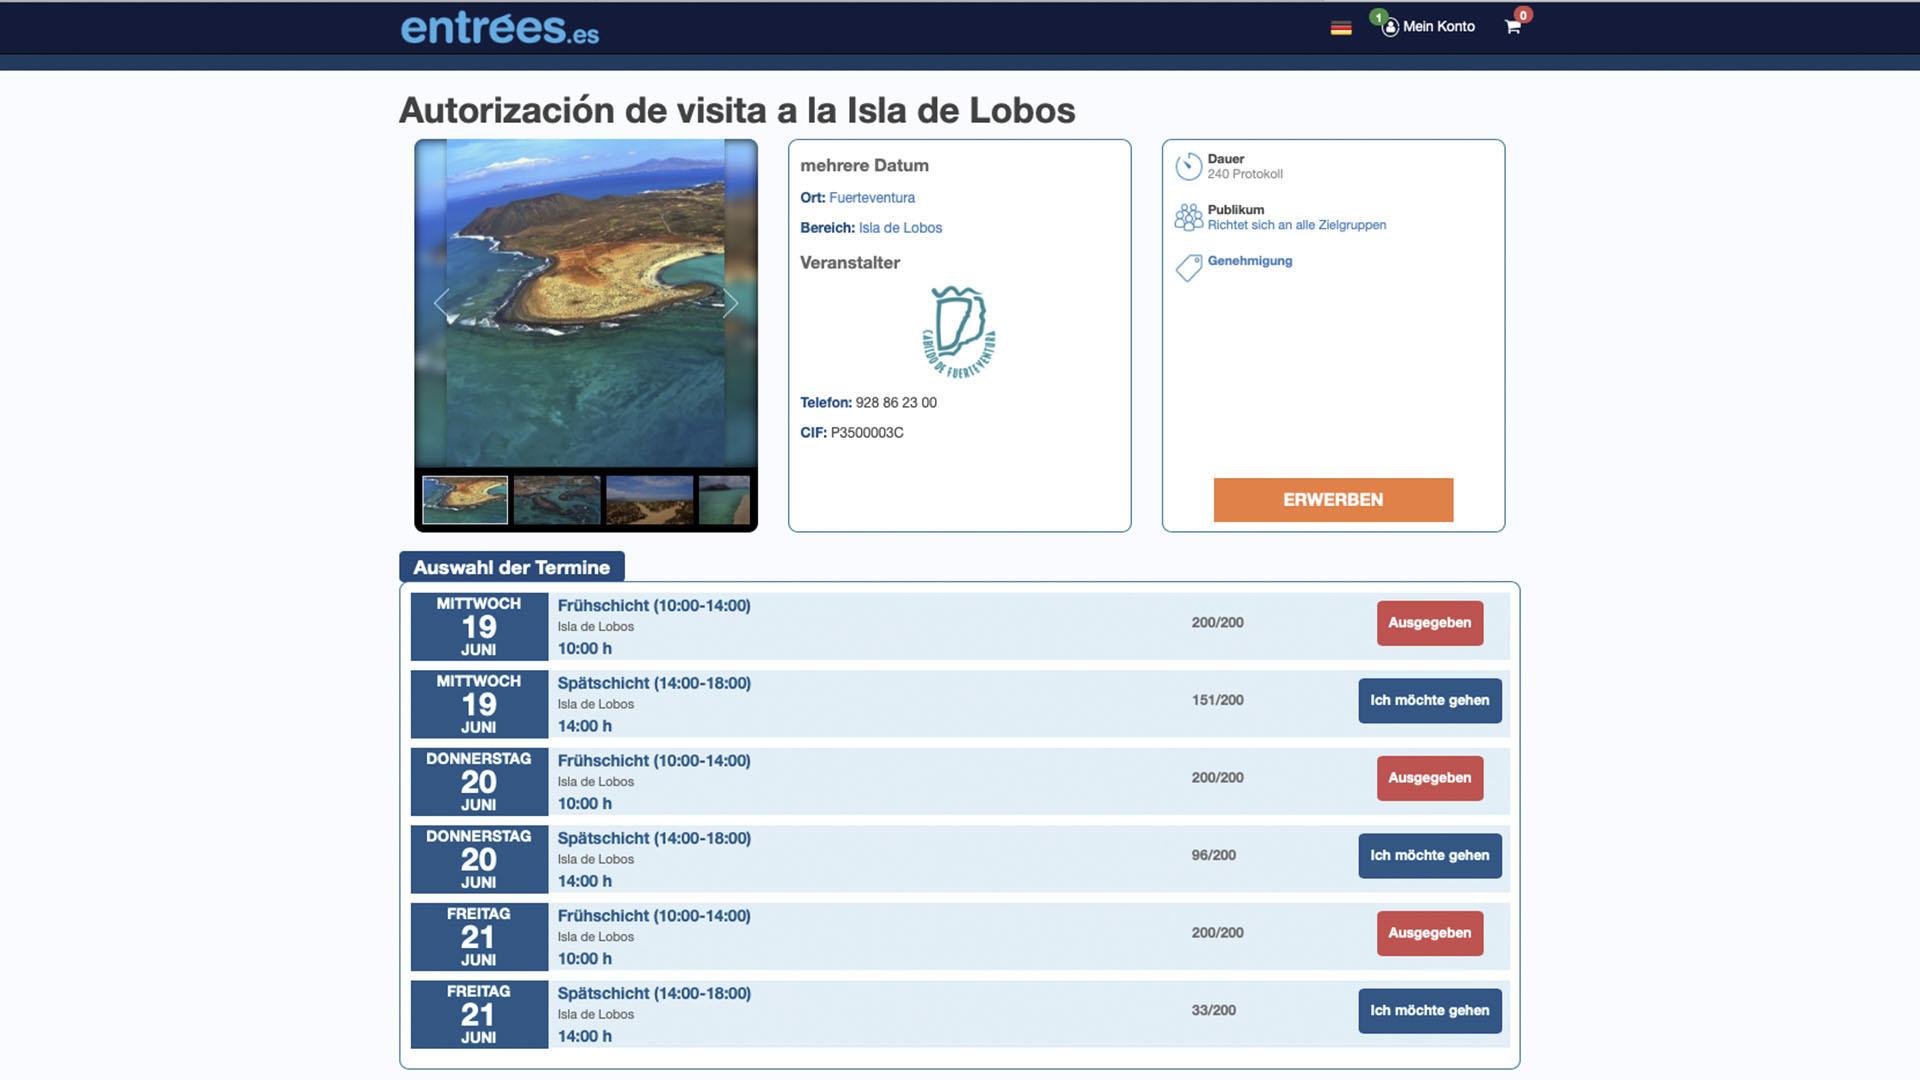 Lösen eines Carnets auf der Website entrées.es für die Isla de Lobos Fuerteventura.